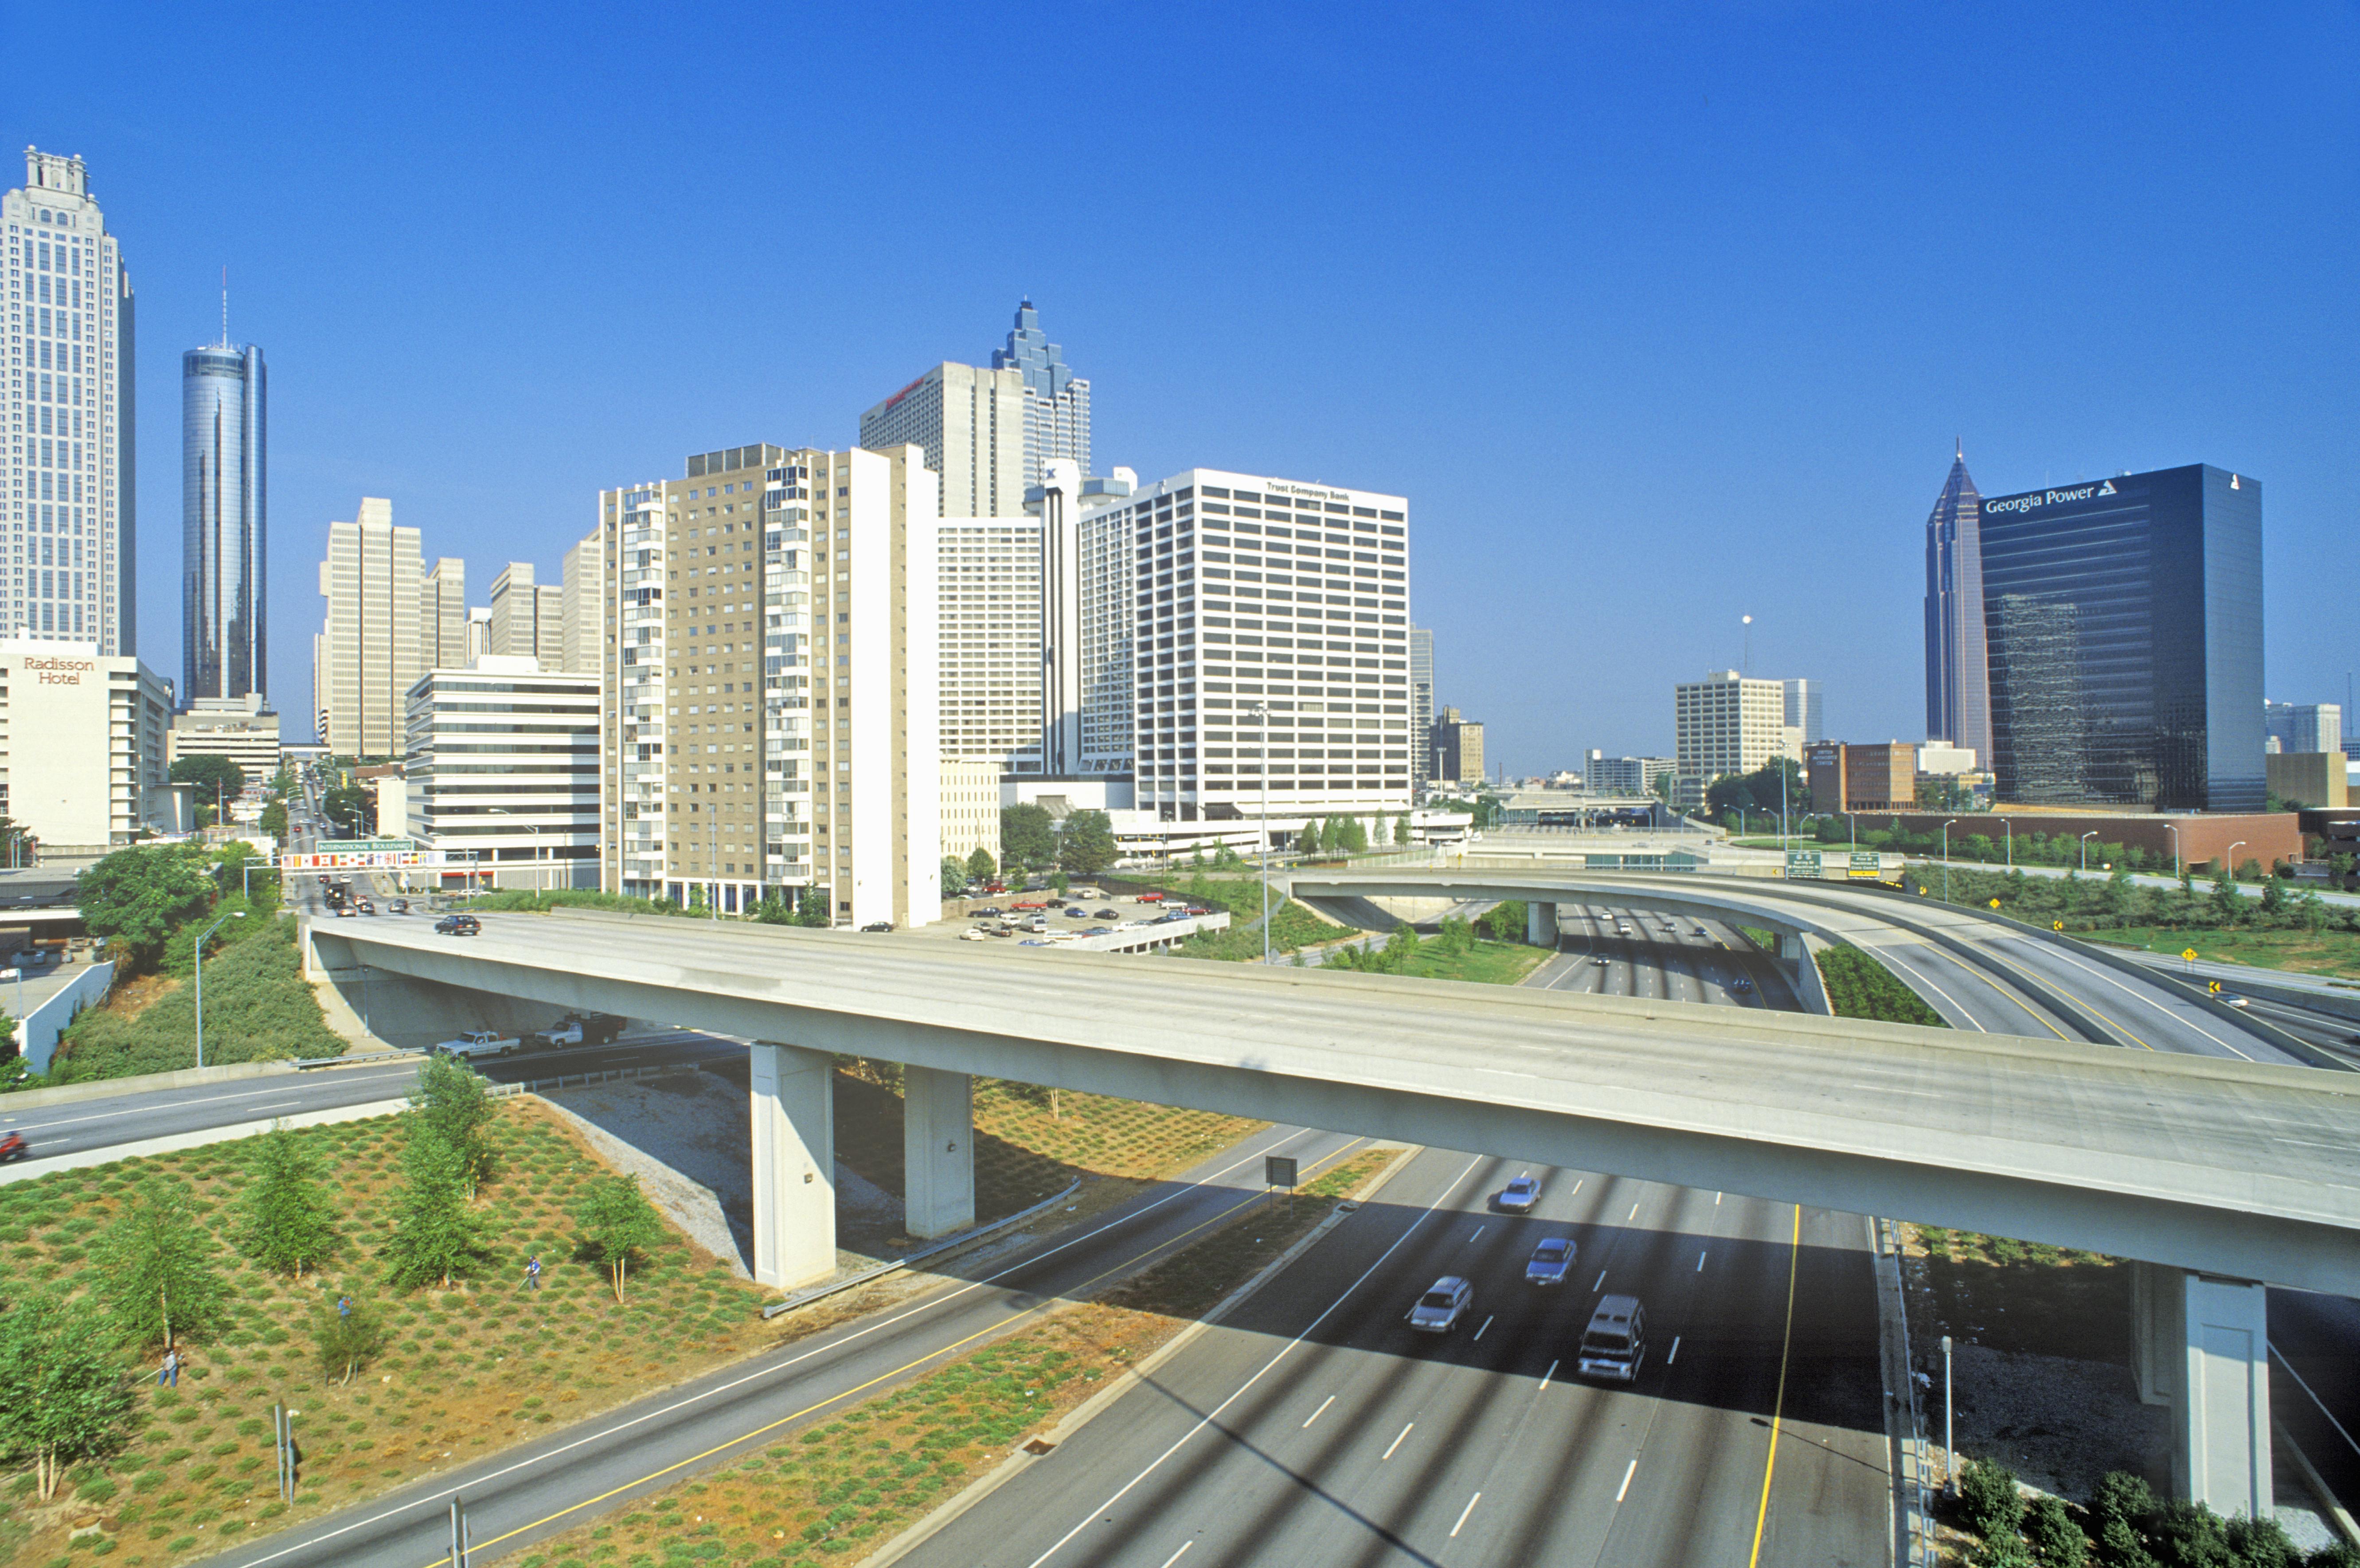 highway_shutterstock_143069773